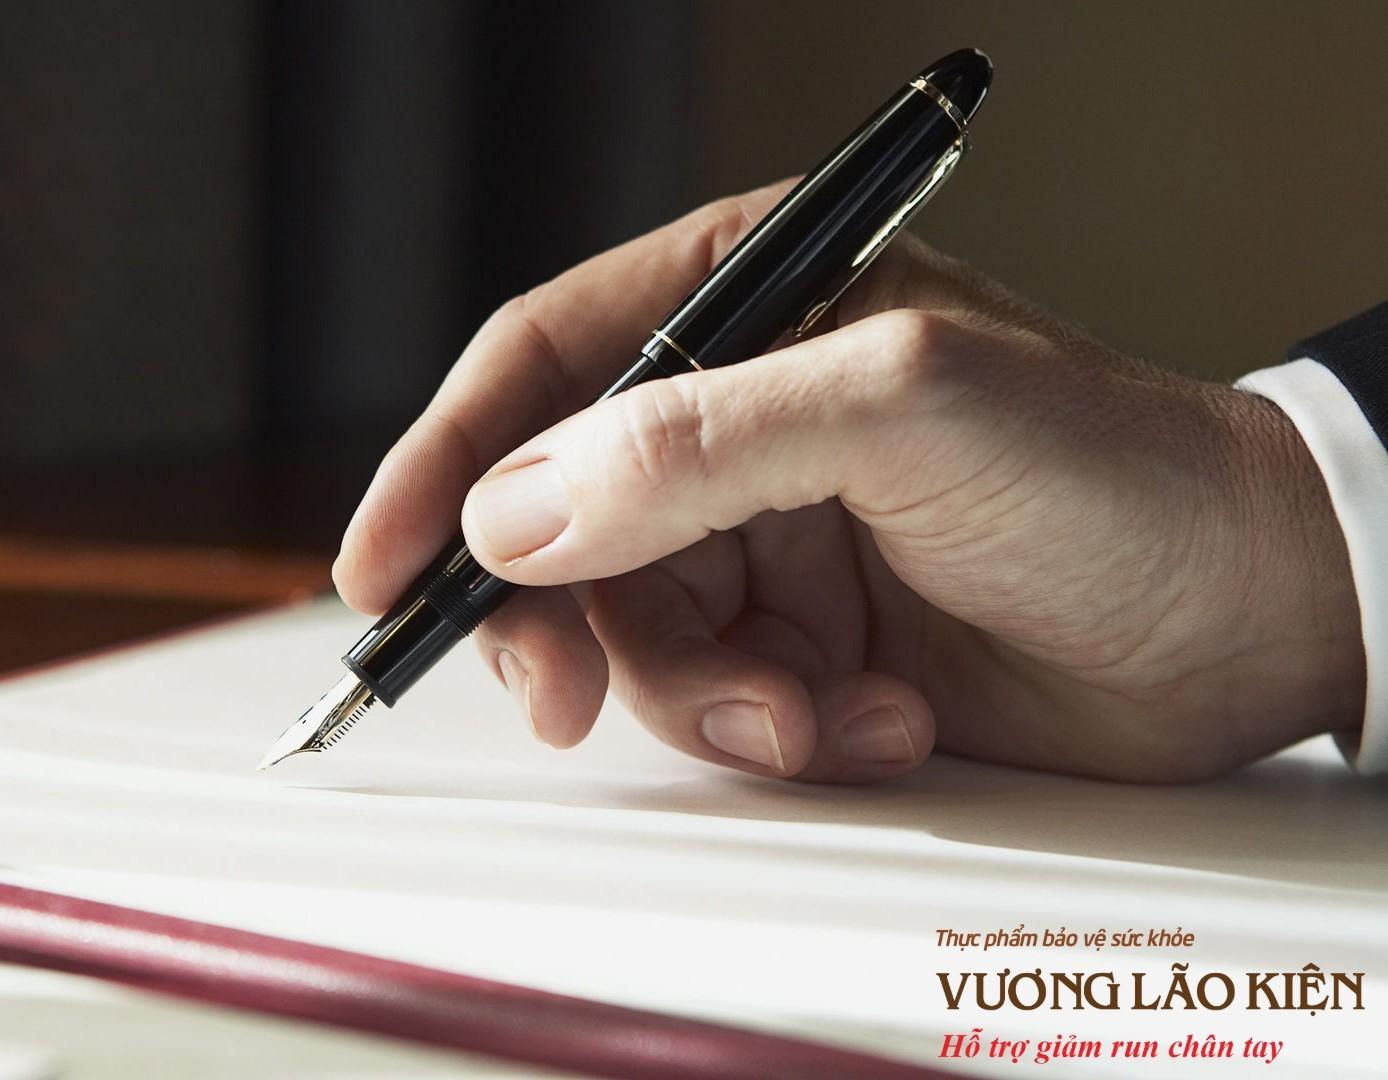 Run tay khi viết, khi ký tên báo hiệu bệnh gì nguy hiểm? - Ảnh 1